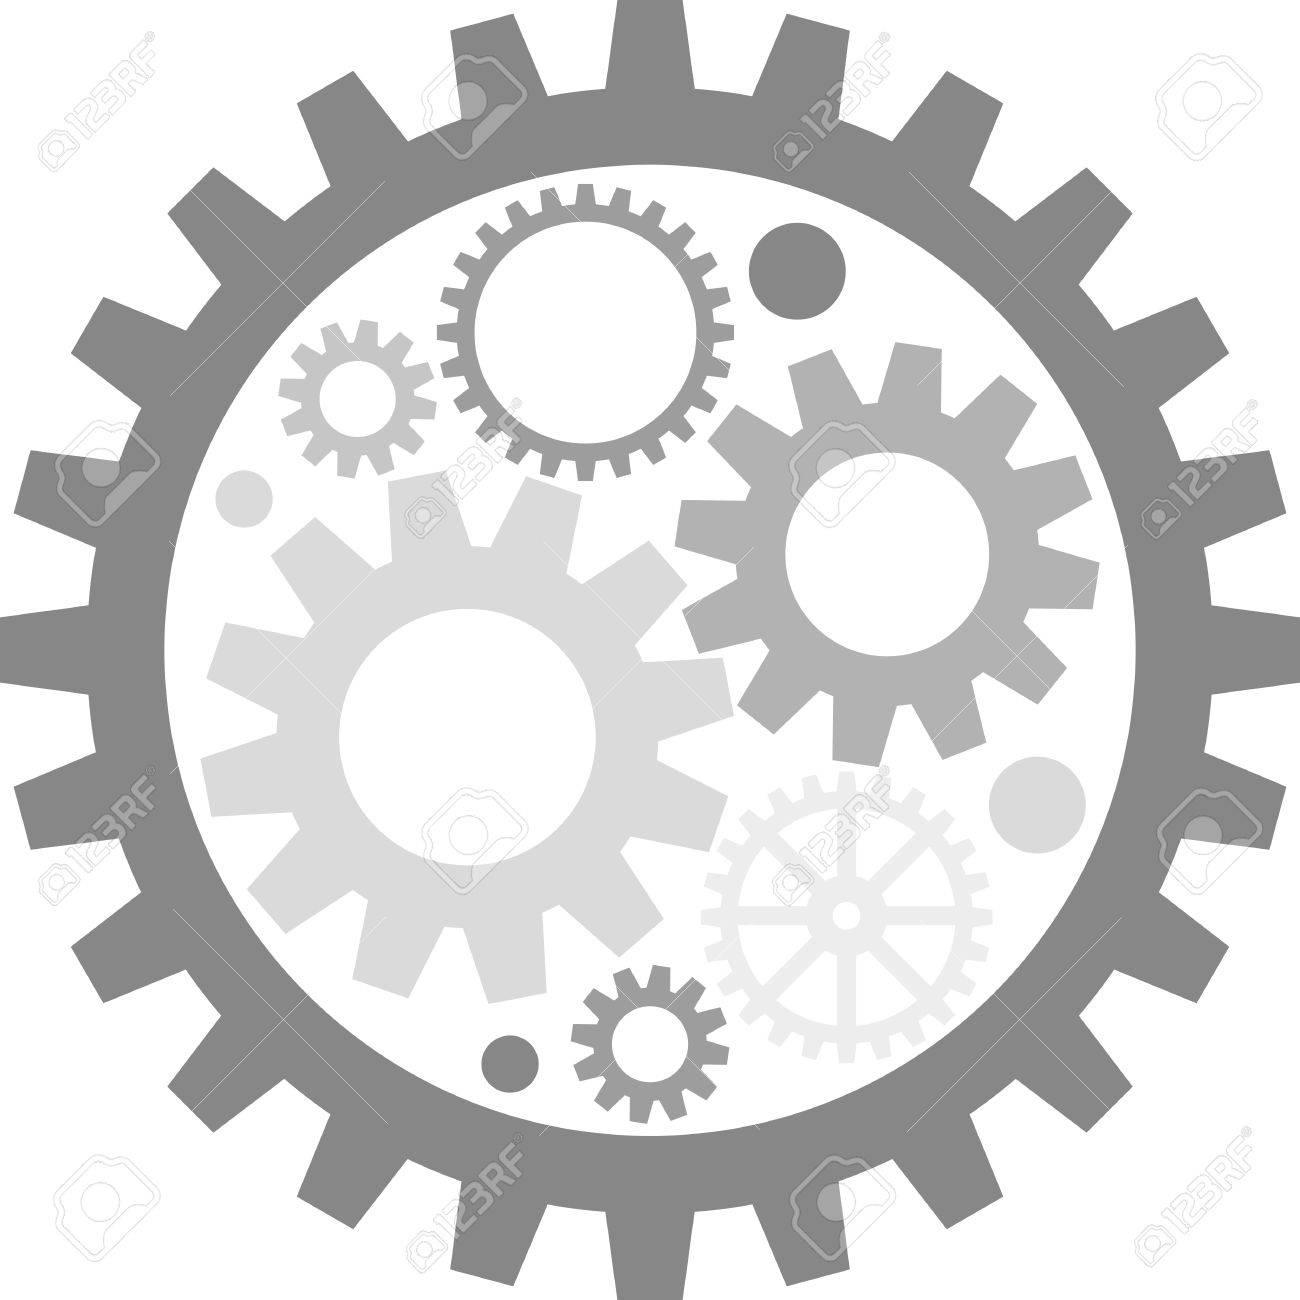 flat image of metal gears - 44580427